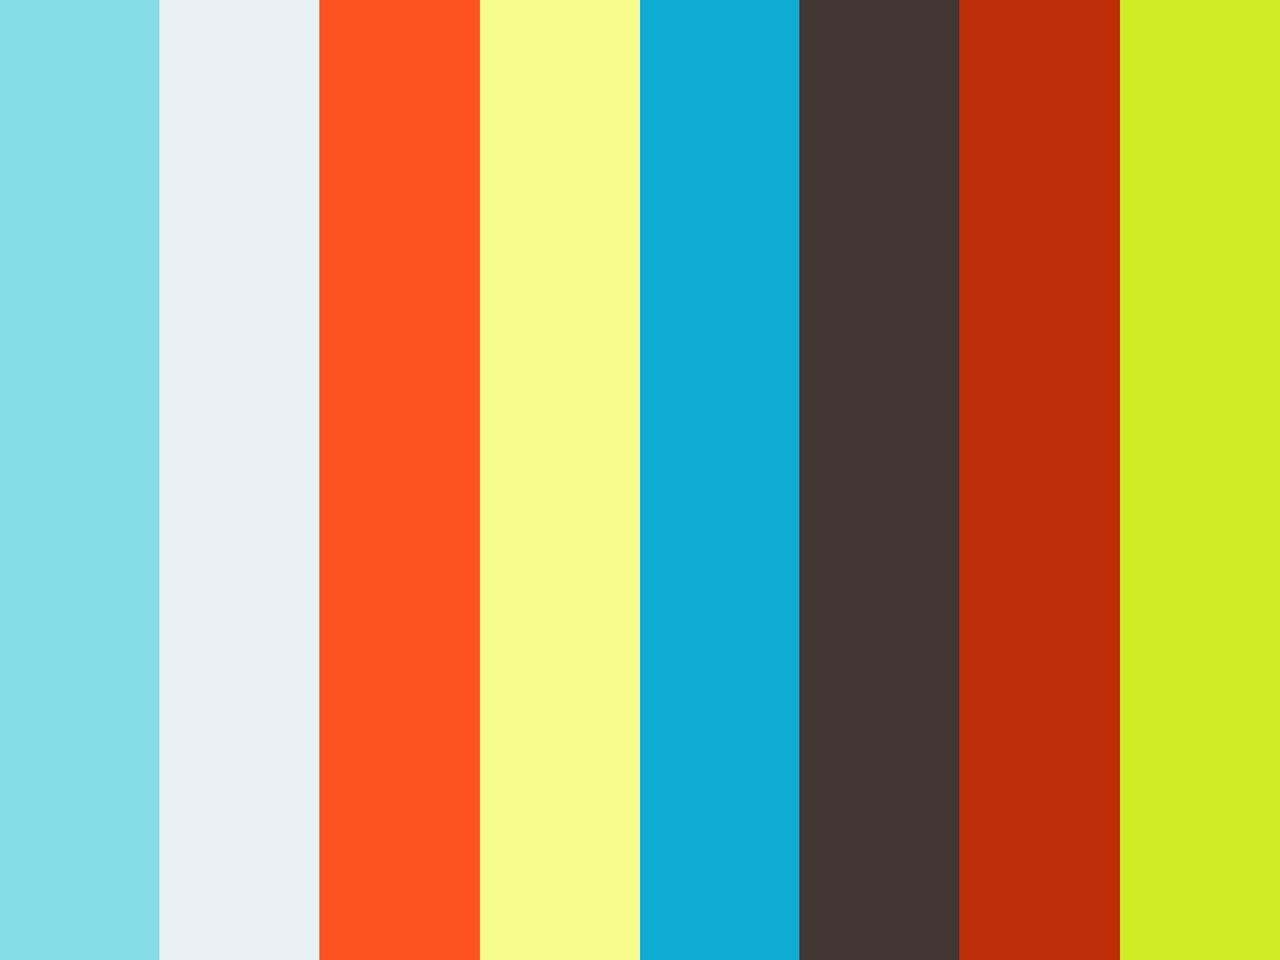 003009 - SNTV - Expo De republiek boetseert de wereld